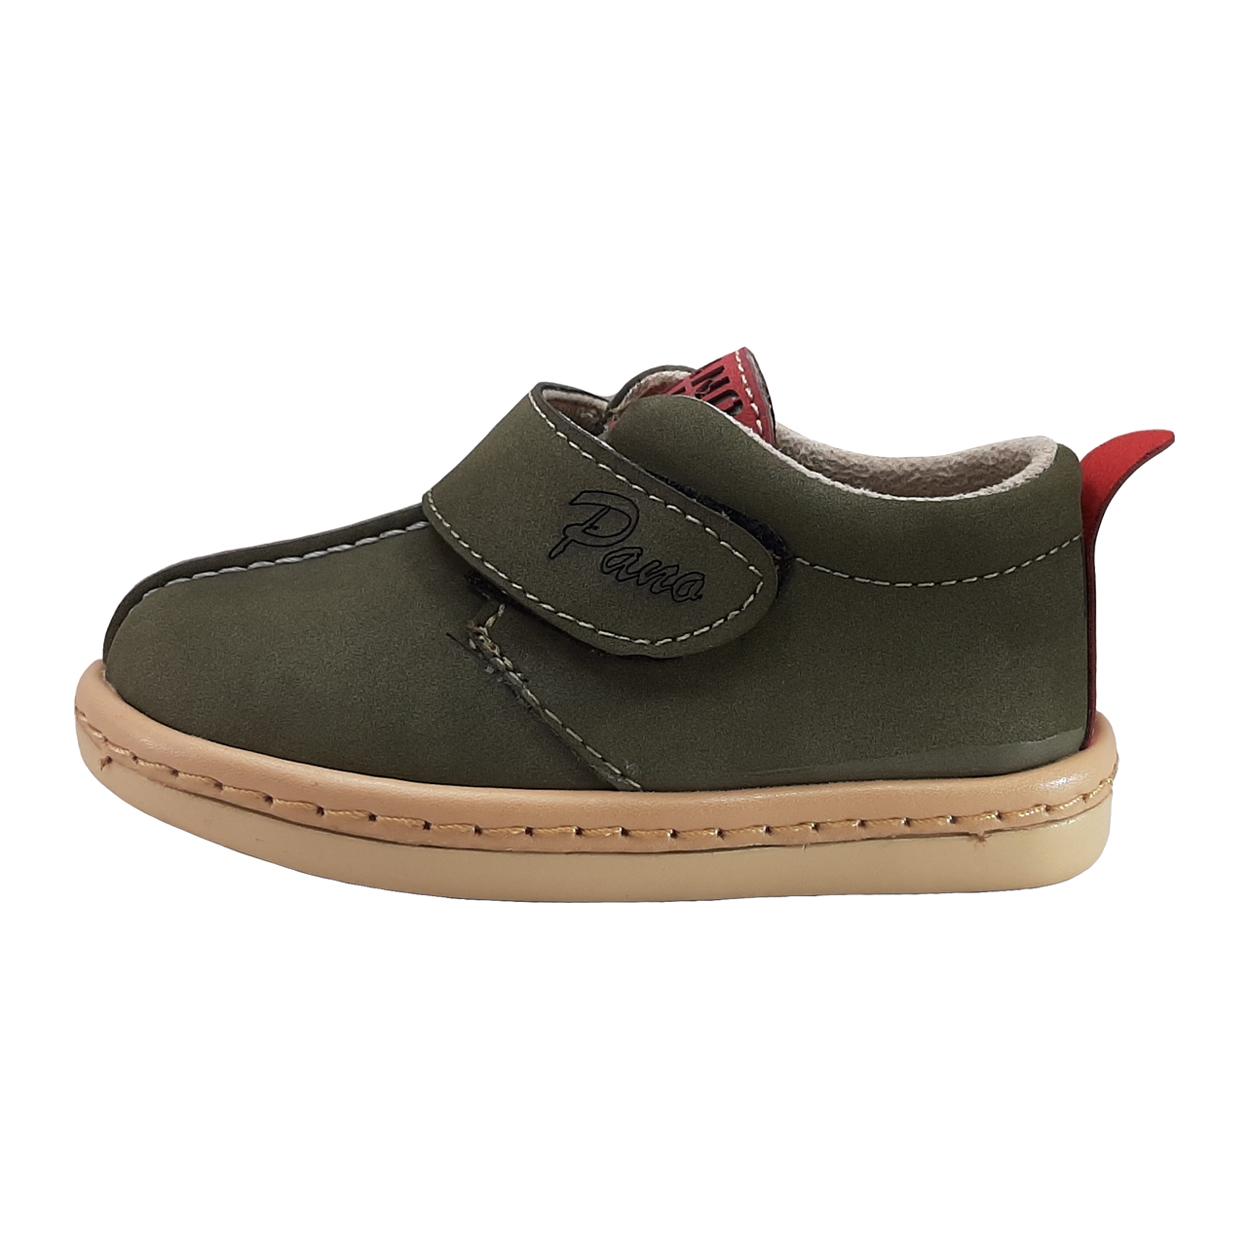 کفش پسرانه پانو مدل PG41 رنگ سبز